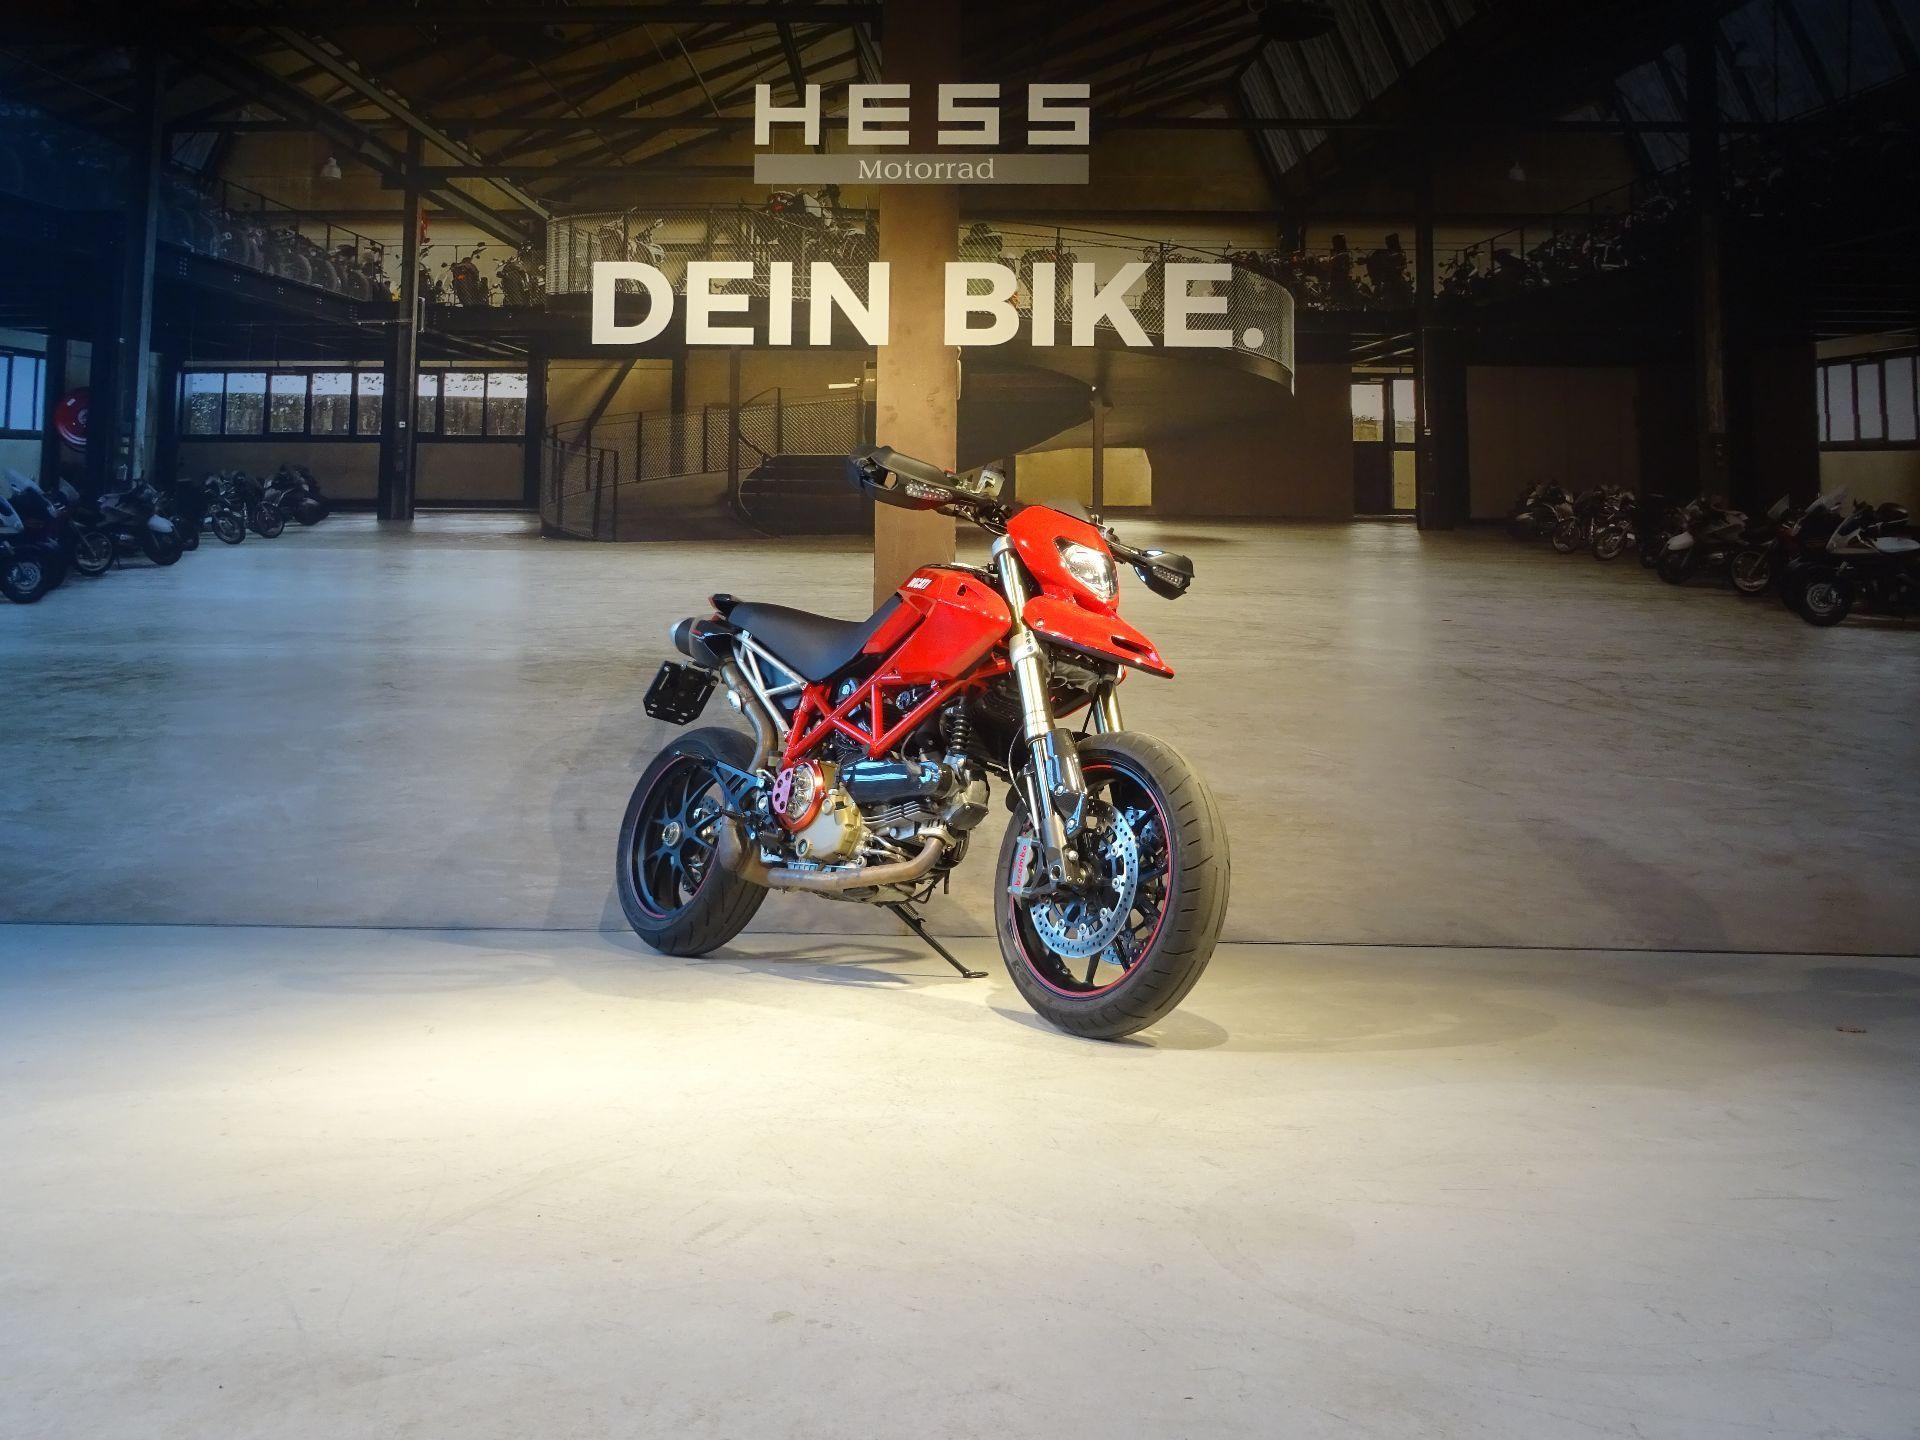 motorrad occasion kaufen ducati 1100 hypermotard hess motorrad stettlen. Black Bedroom Furniture Sets. Home Design Ideas